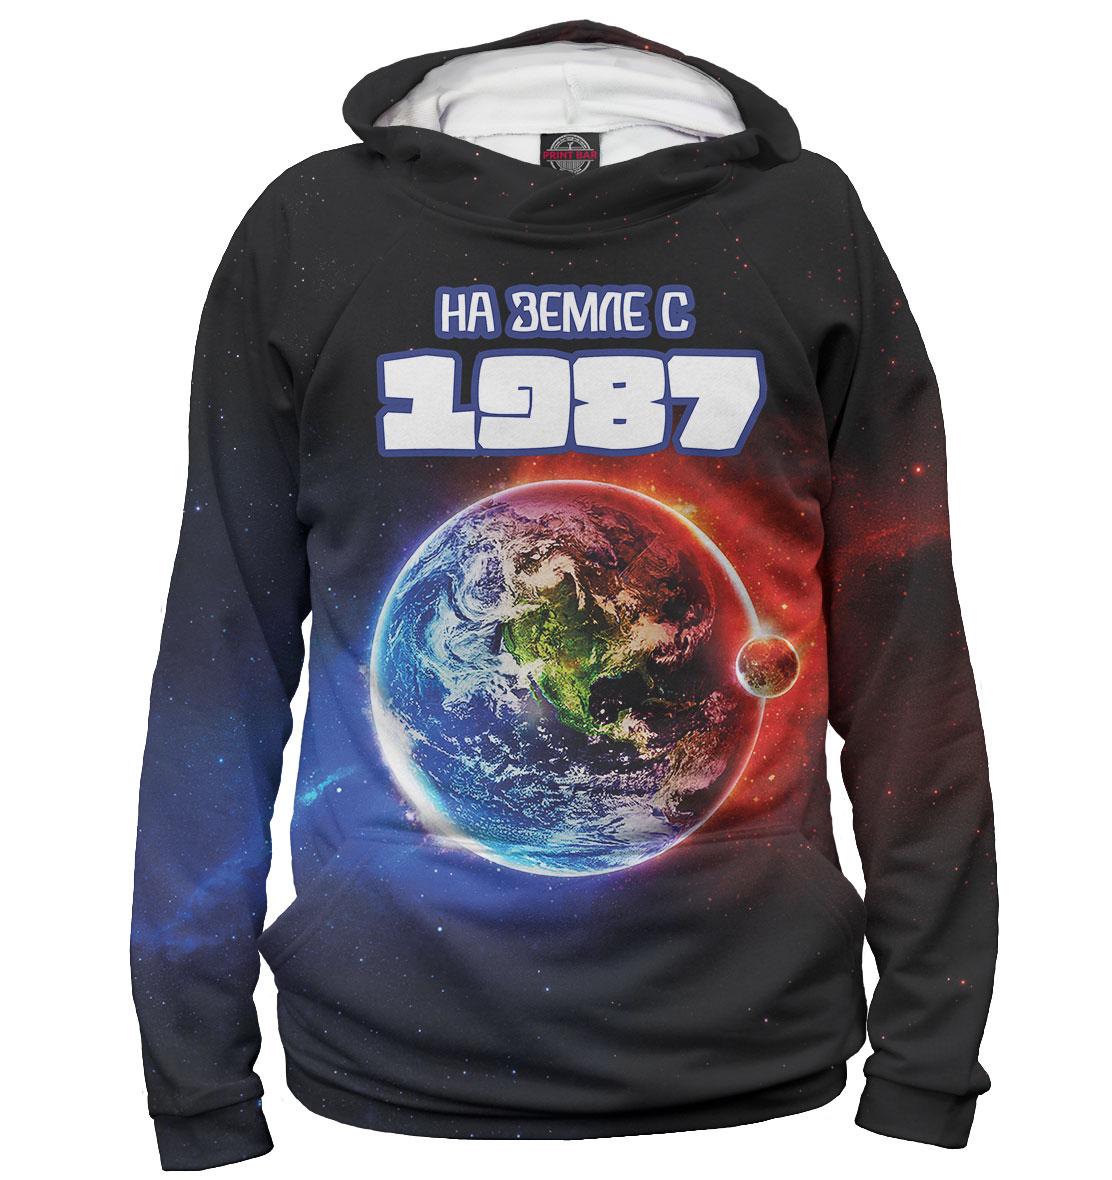 Купить На Земле с 1987, Printbar, Худи, DVE-600544-hud-1